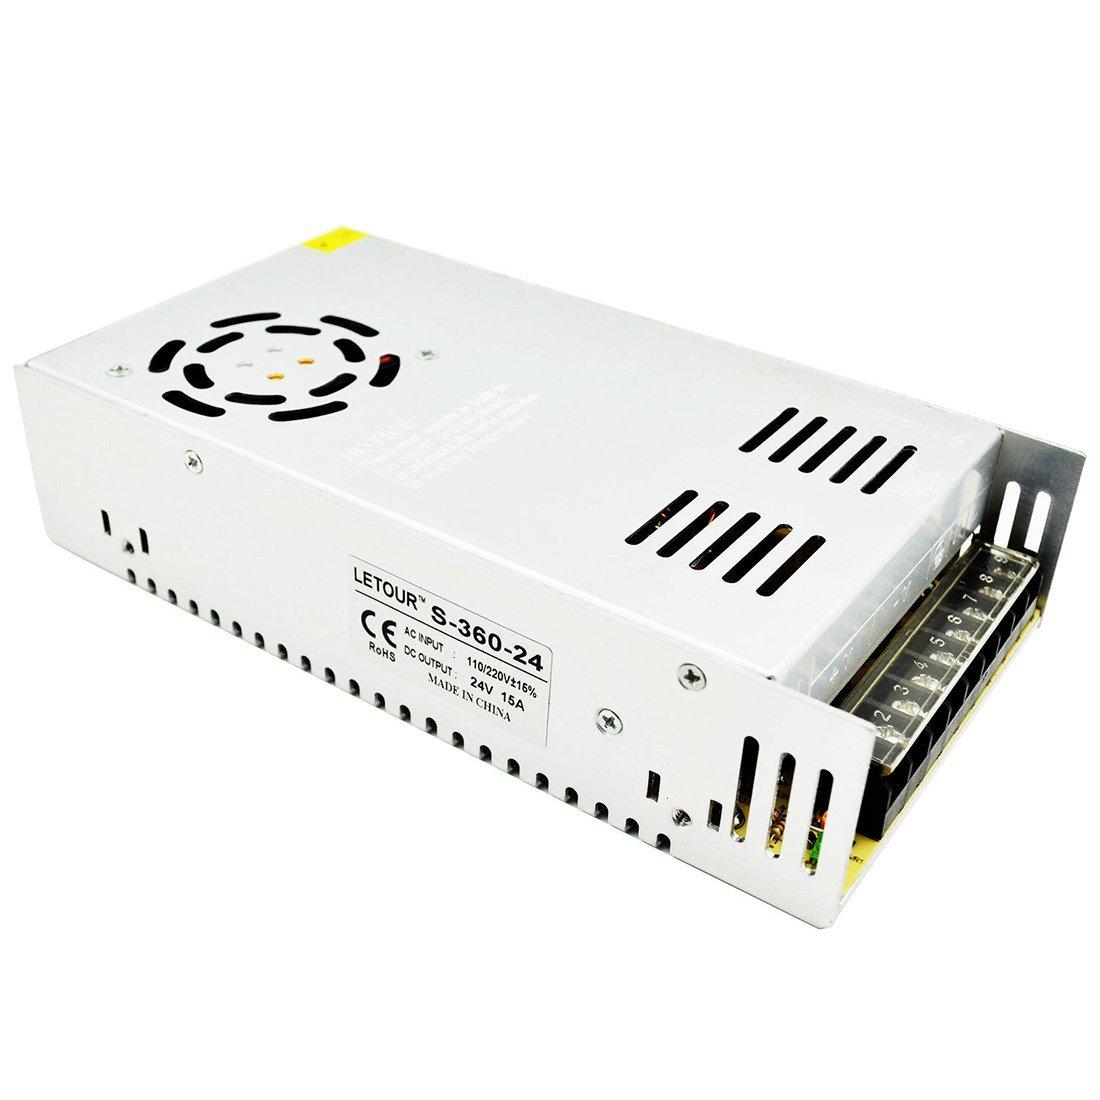 LETOUR 24V Power Supply 15A 360W AC 96V-240V Converter DC 24Volt 360Watt Adapter LED Power Supply for LED Lighting,LED Strip,CCTV